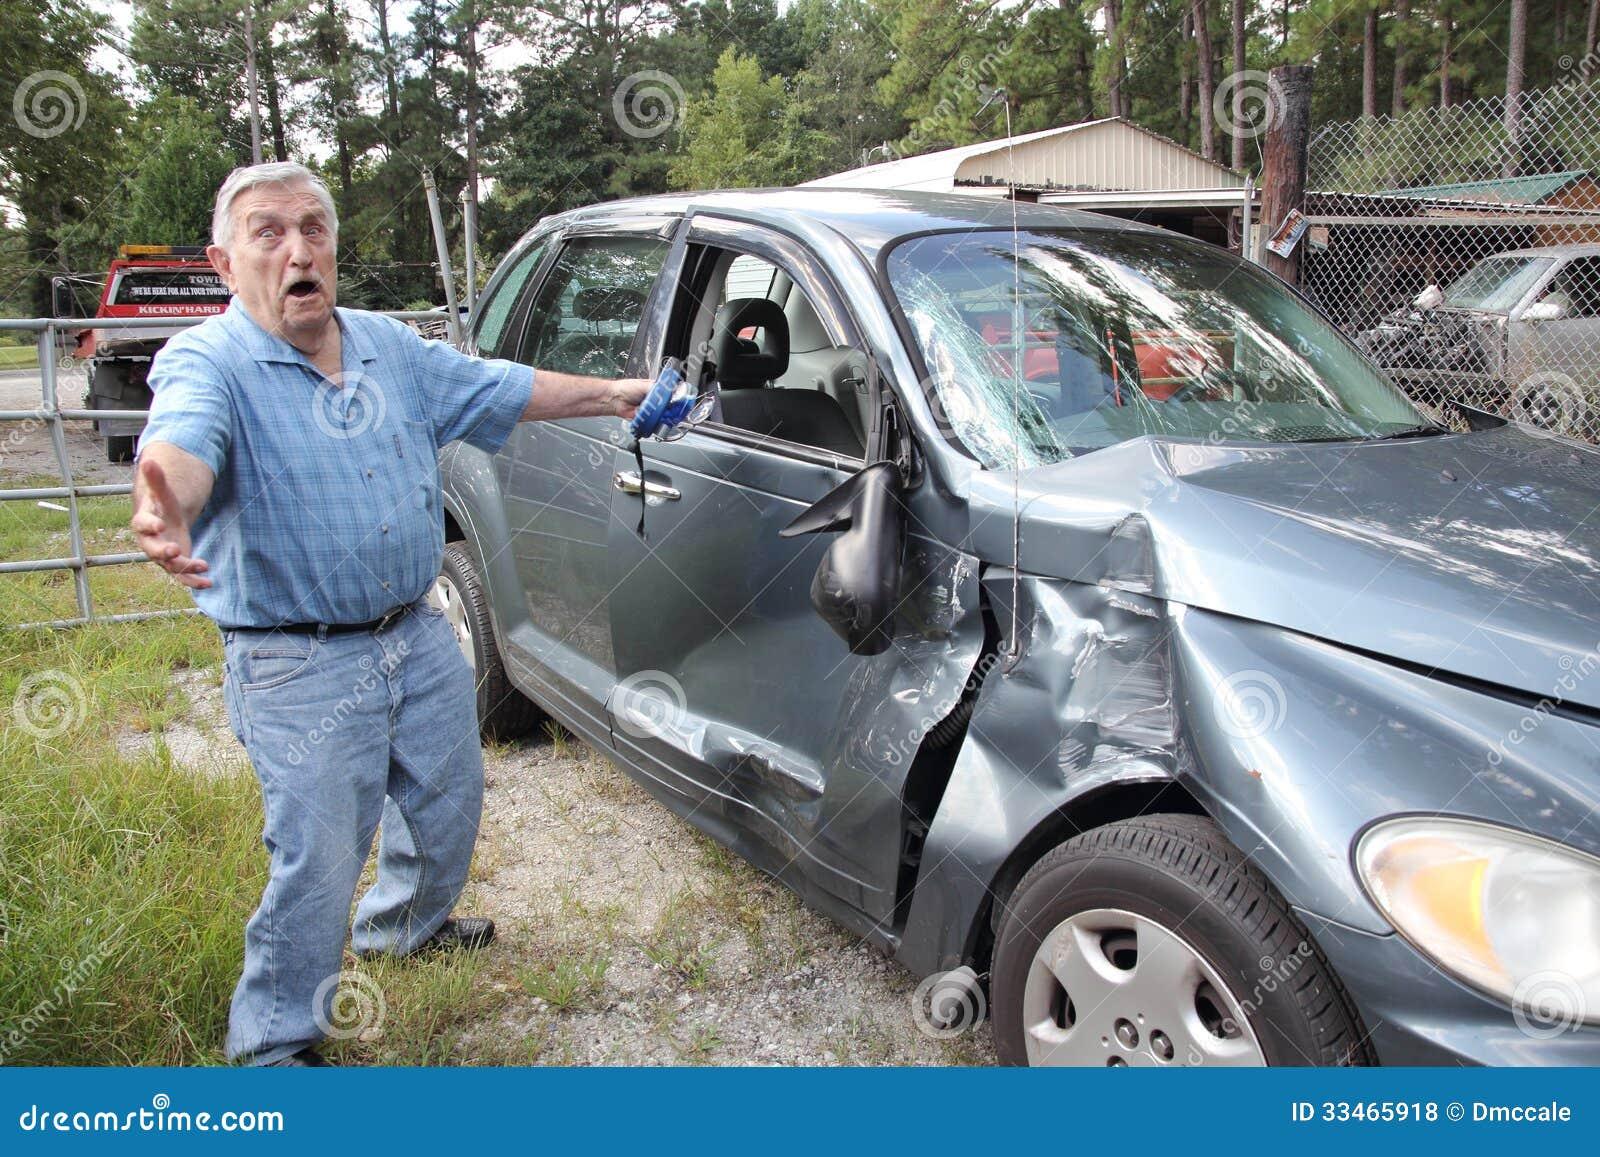 Car Accident White Center